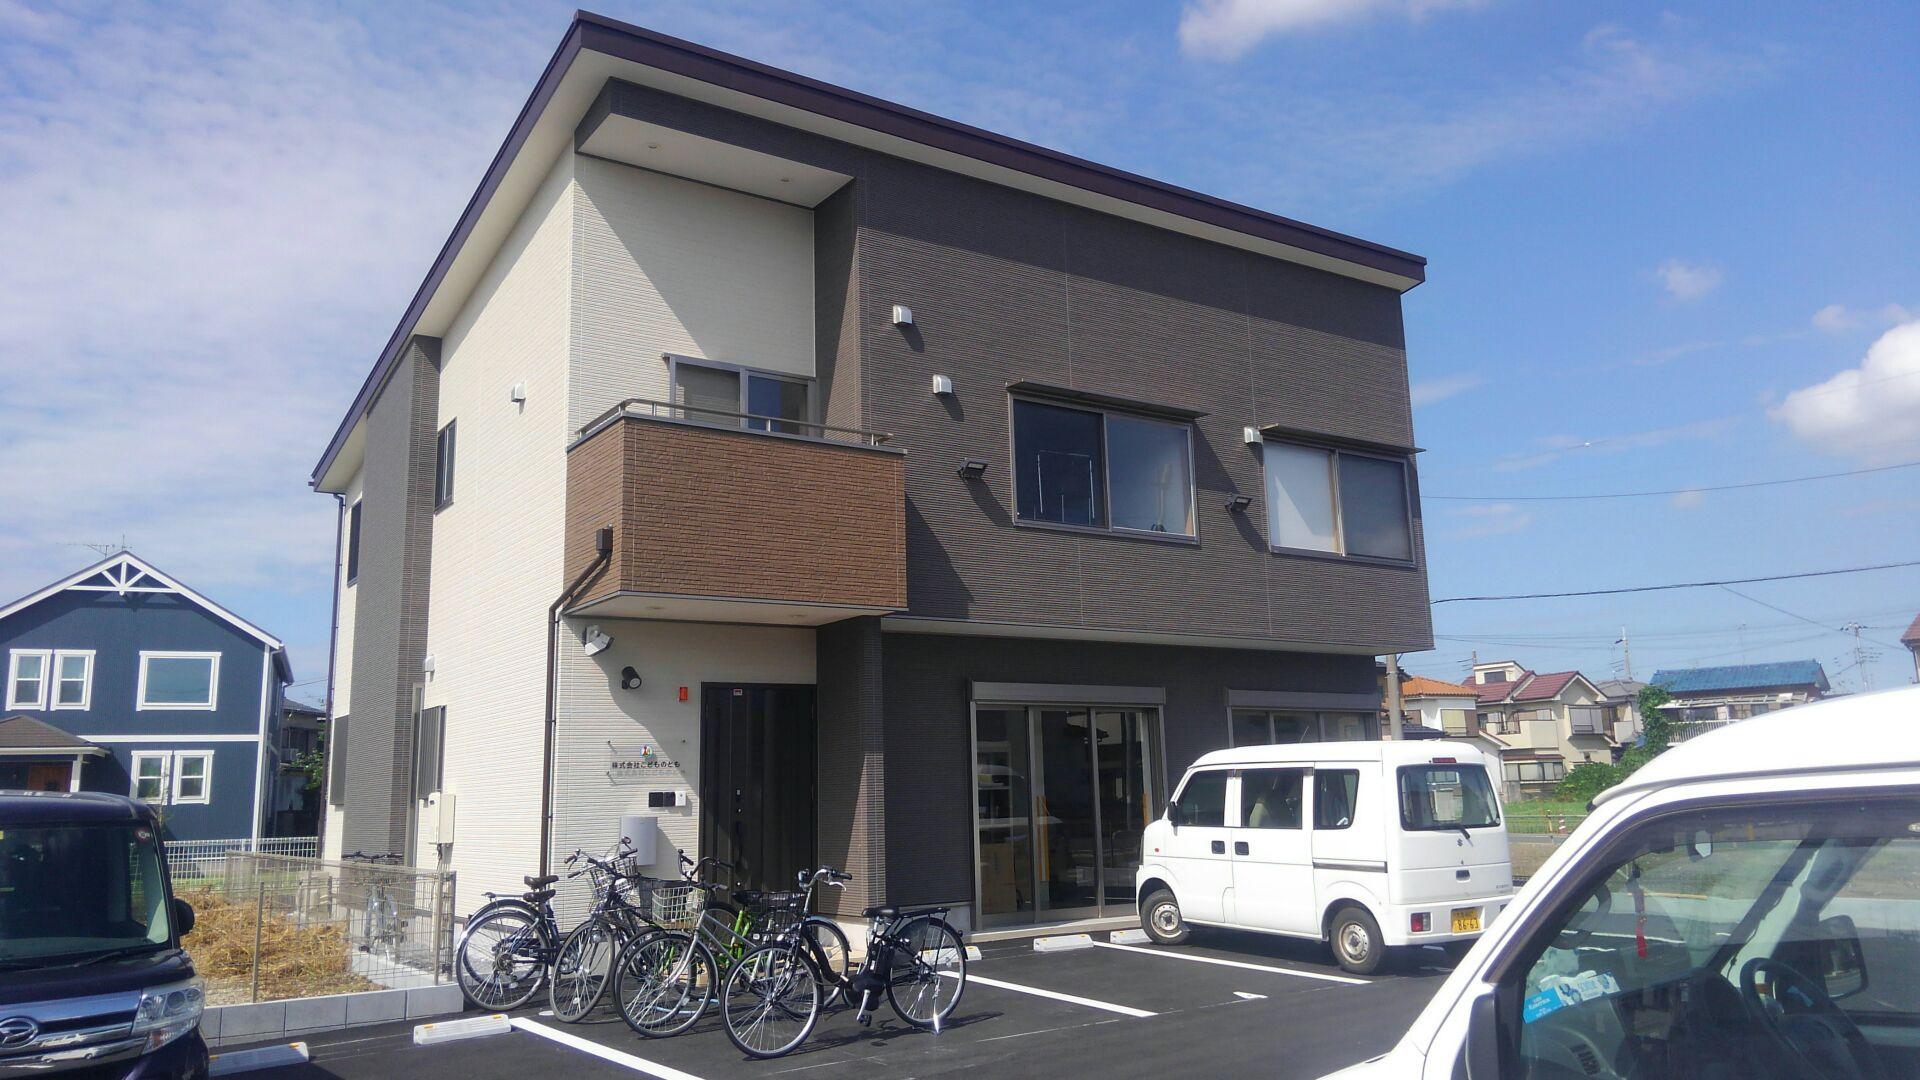 株式会社こどものとも様 北関東支店新築工事のご依頼をいただき、ありがとうございました。